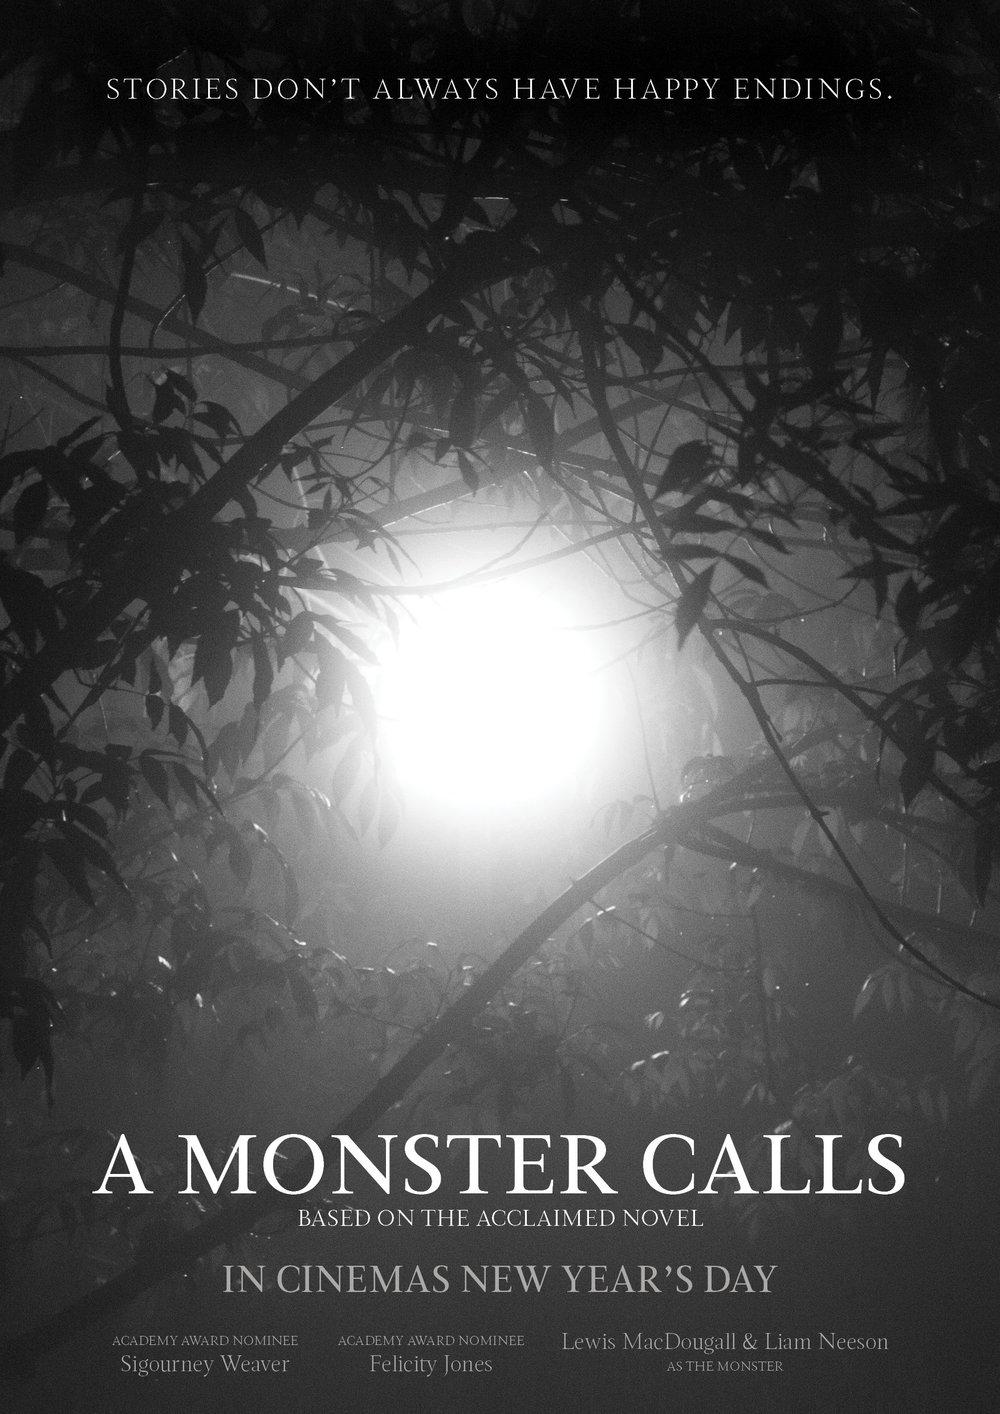 A Monster Calls - Posters_FINAL.jpg